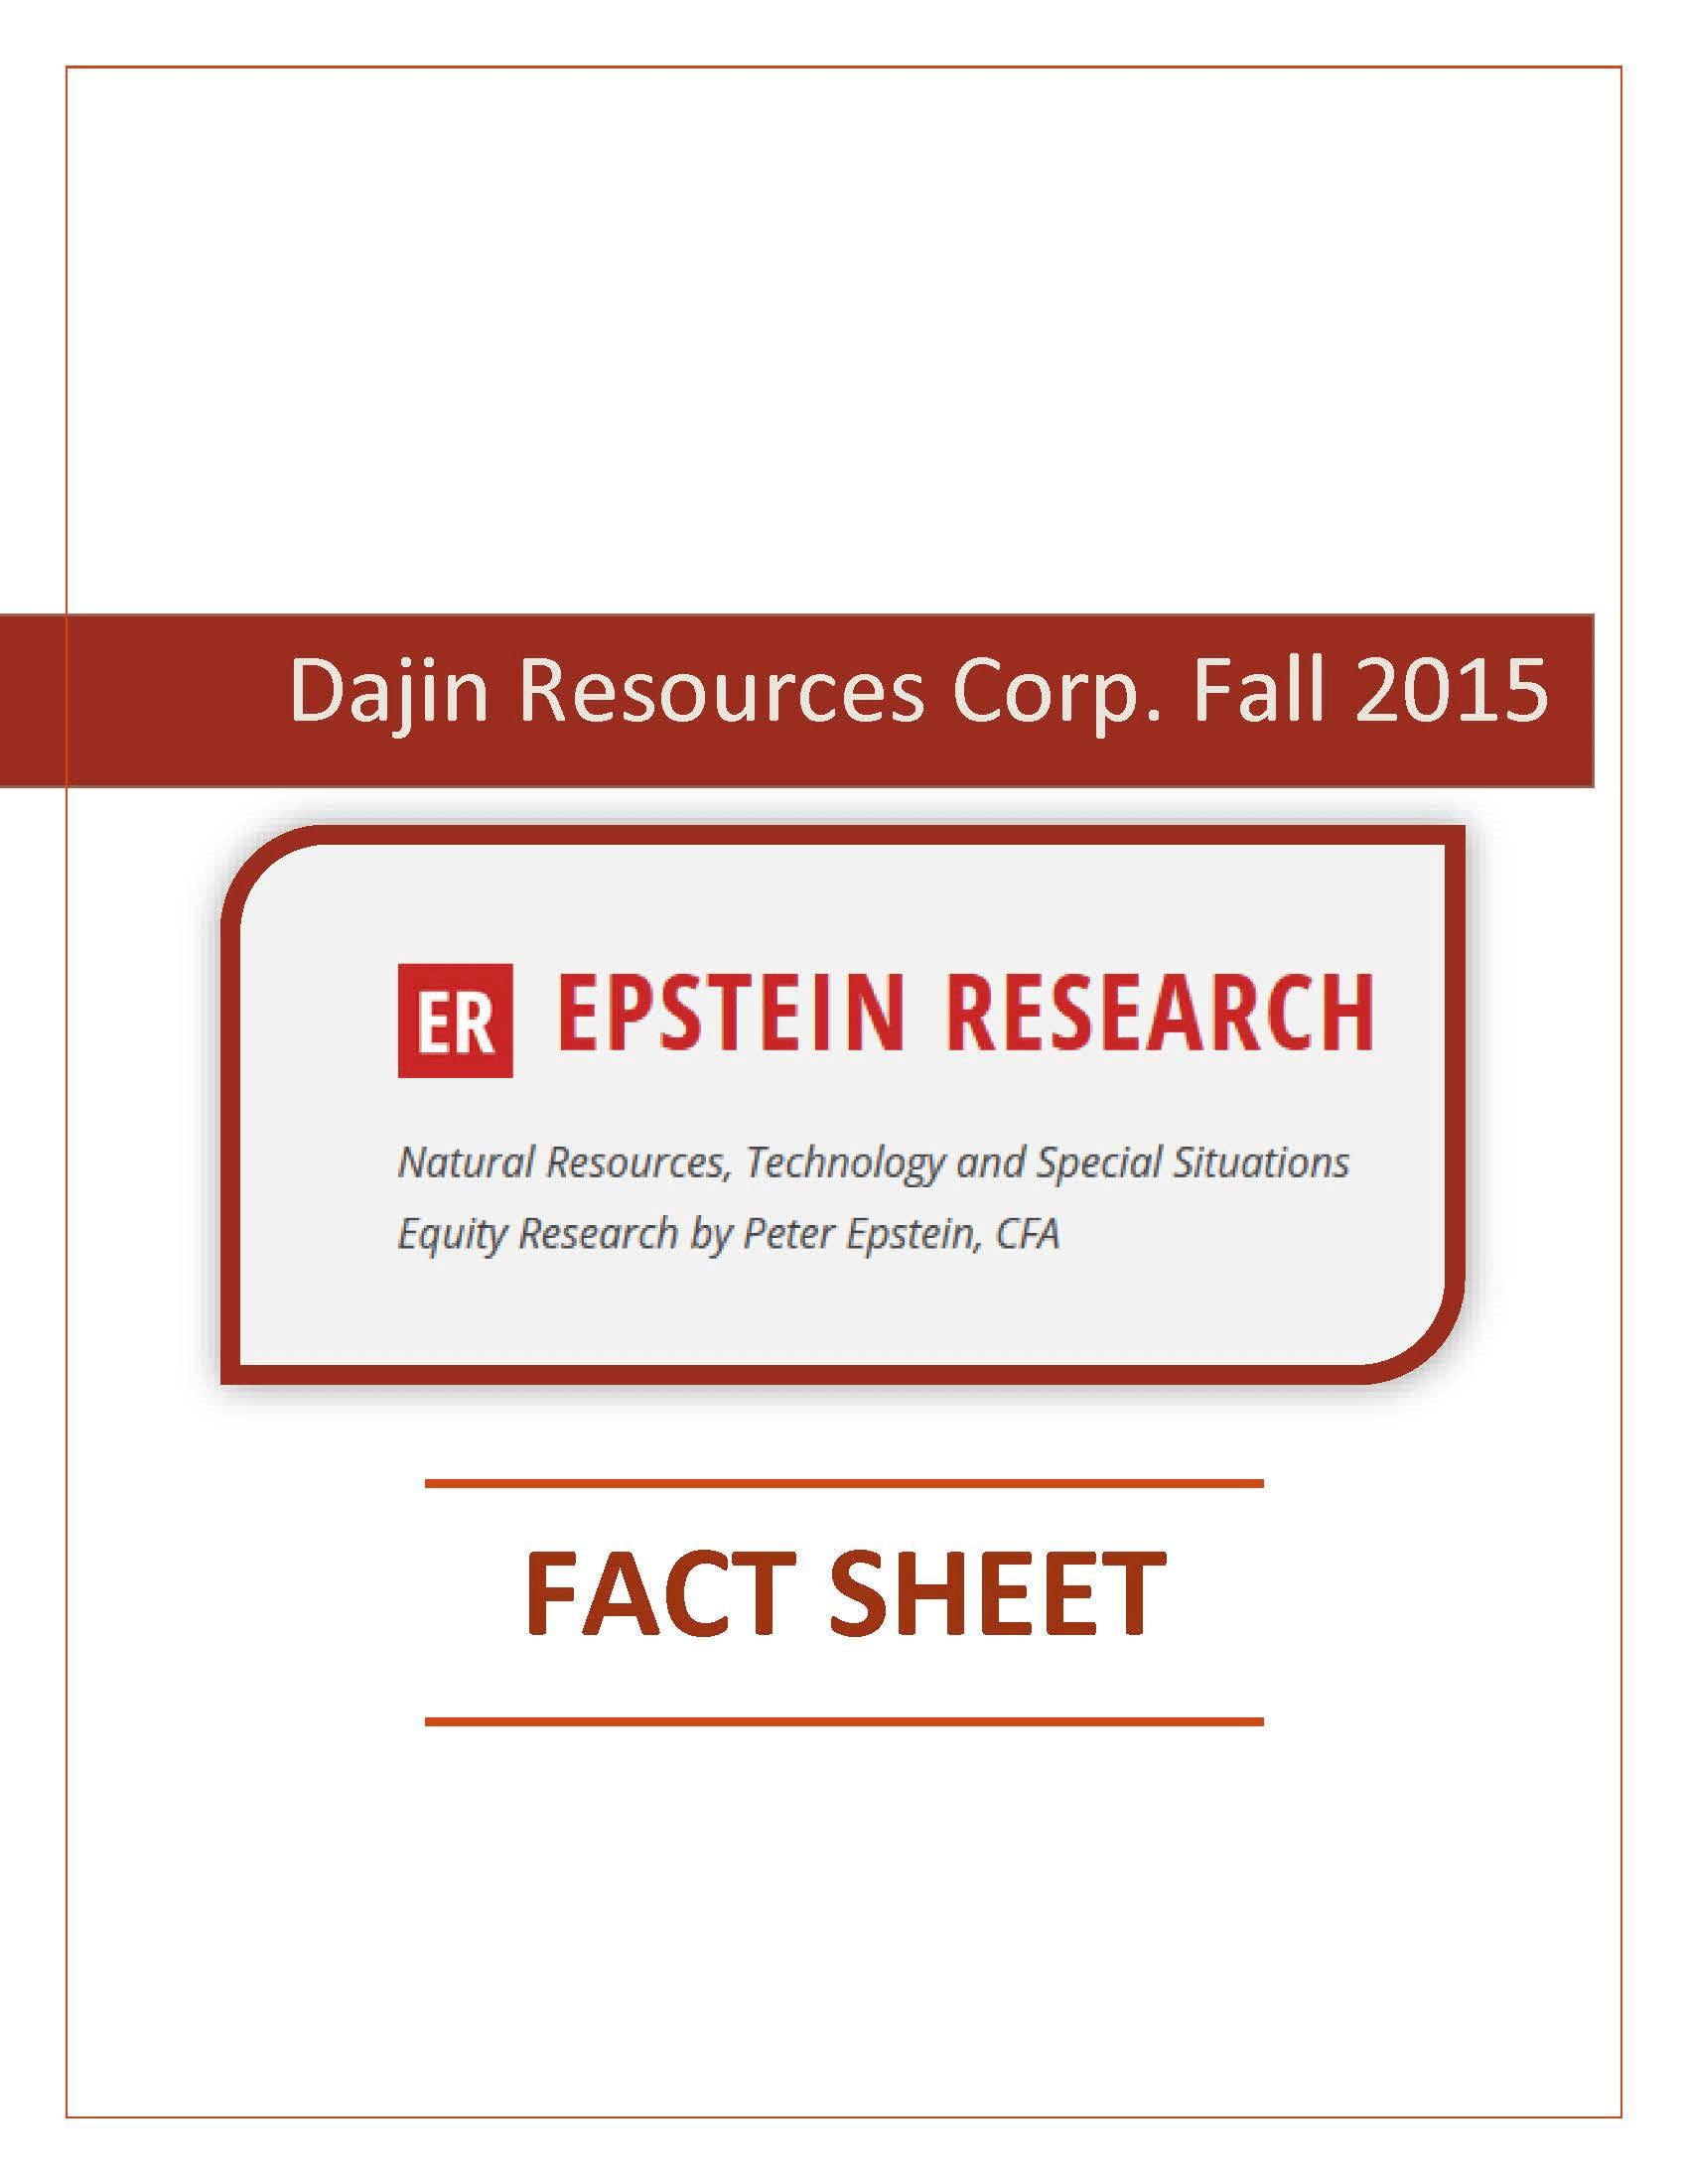 Dajin Resources' Fall 2015 Fact Sheet